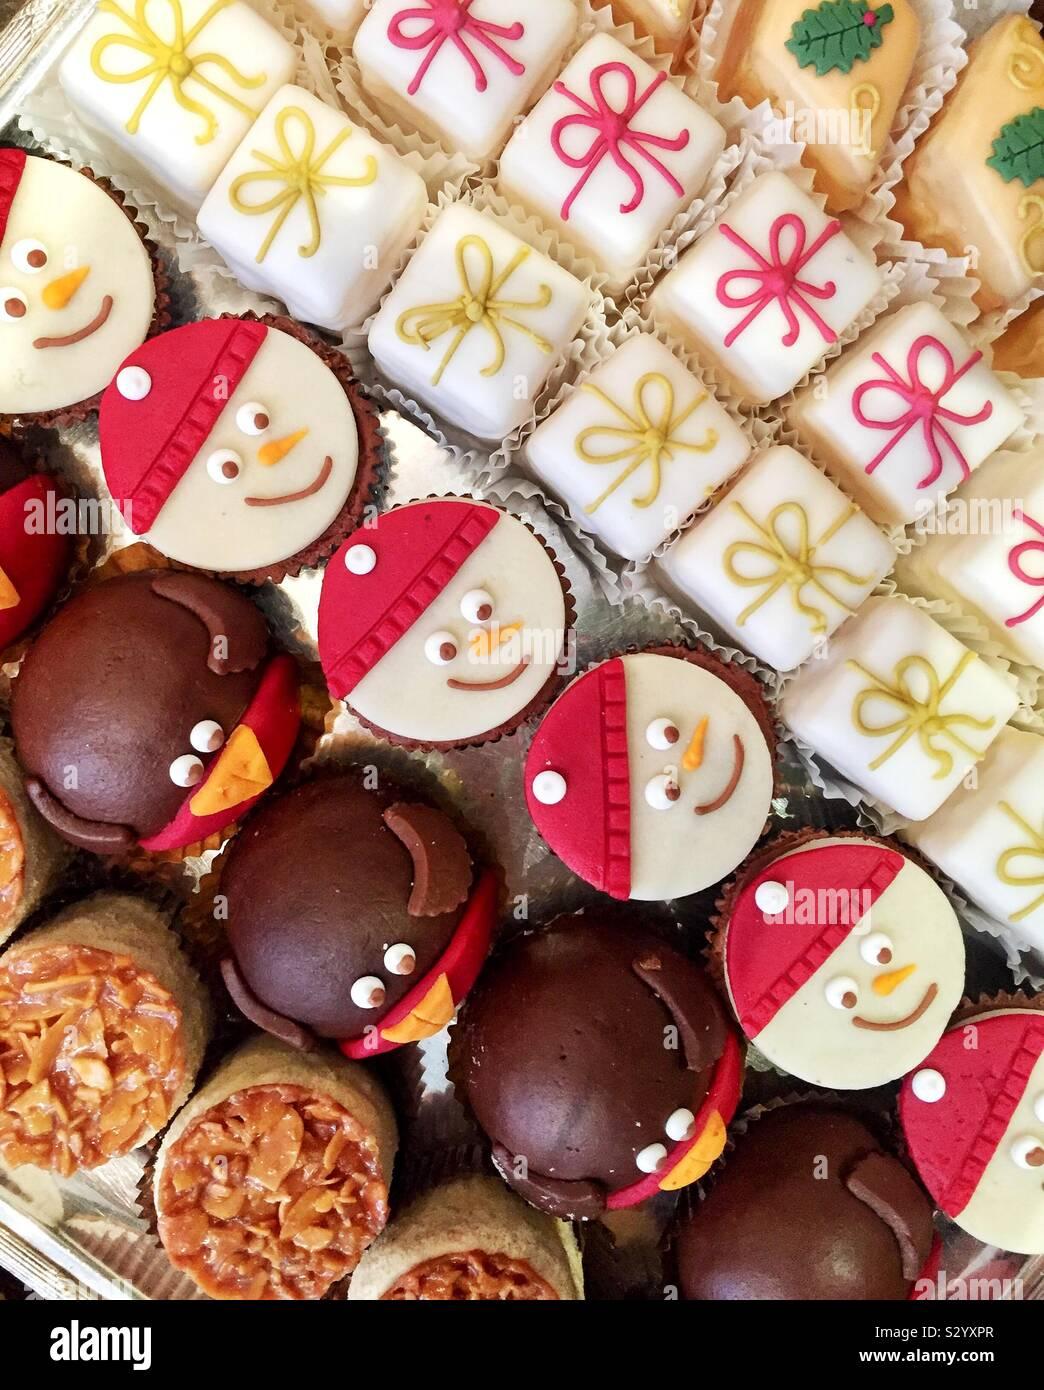 Guardando verso il basso a partire da sopra su una varietà di deliziosi dolci e fantasie fondente in una pasticceria francese che sono decorate con decorazioni natalizie e spazio di copia Foto Stock